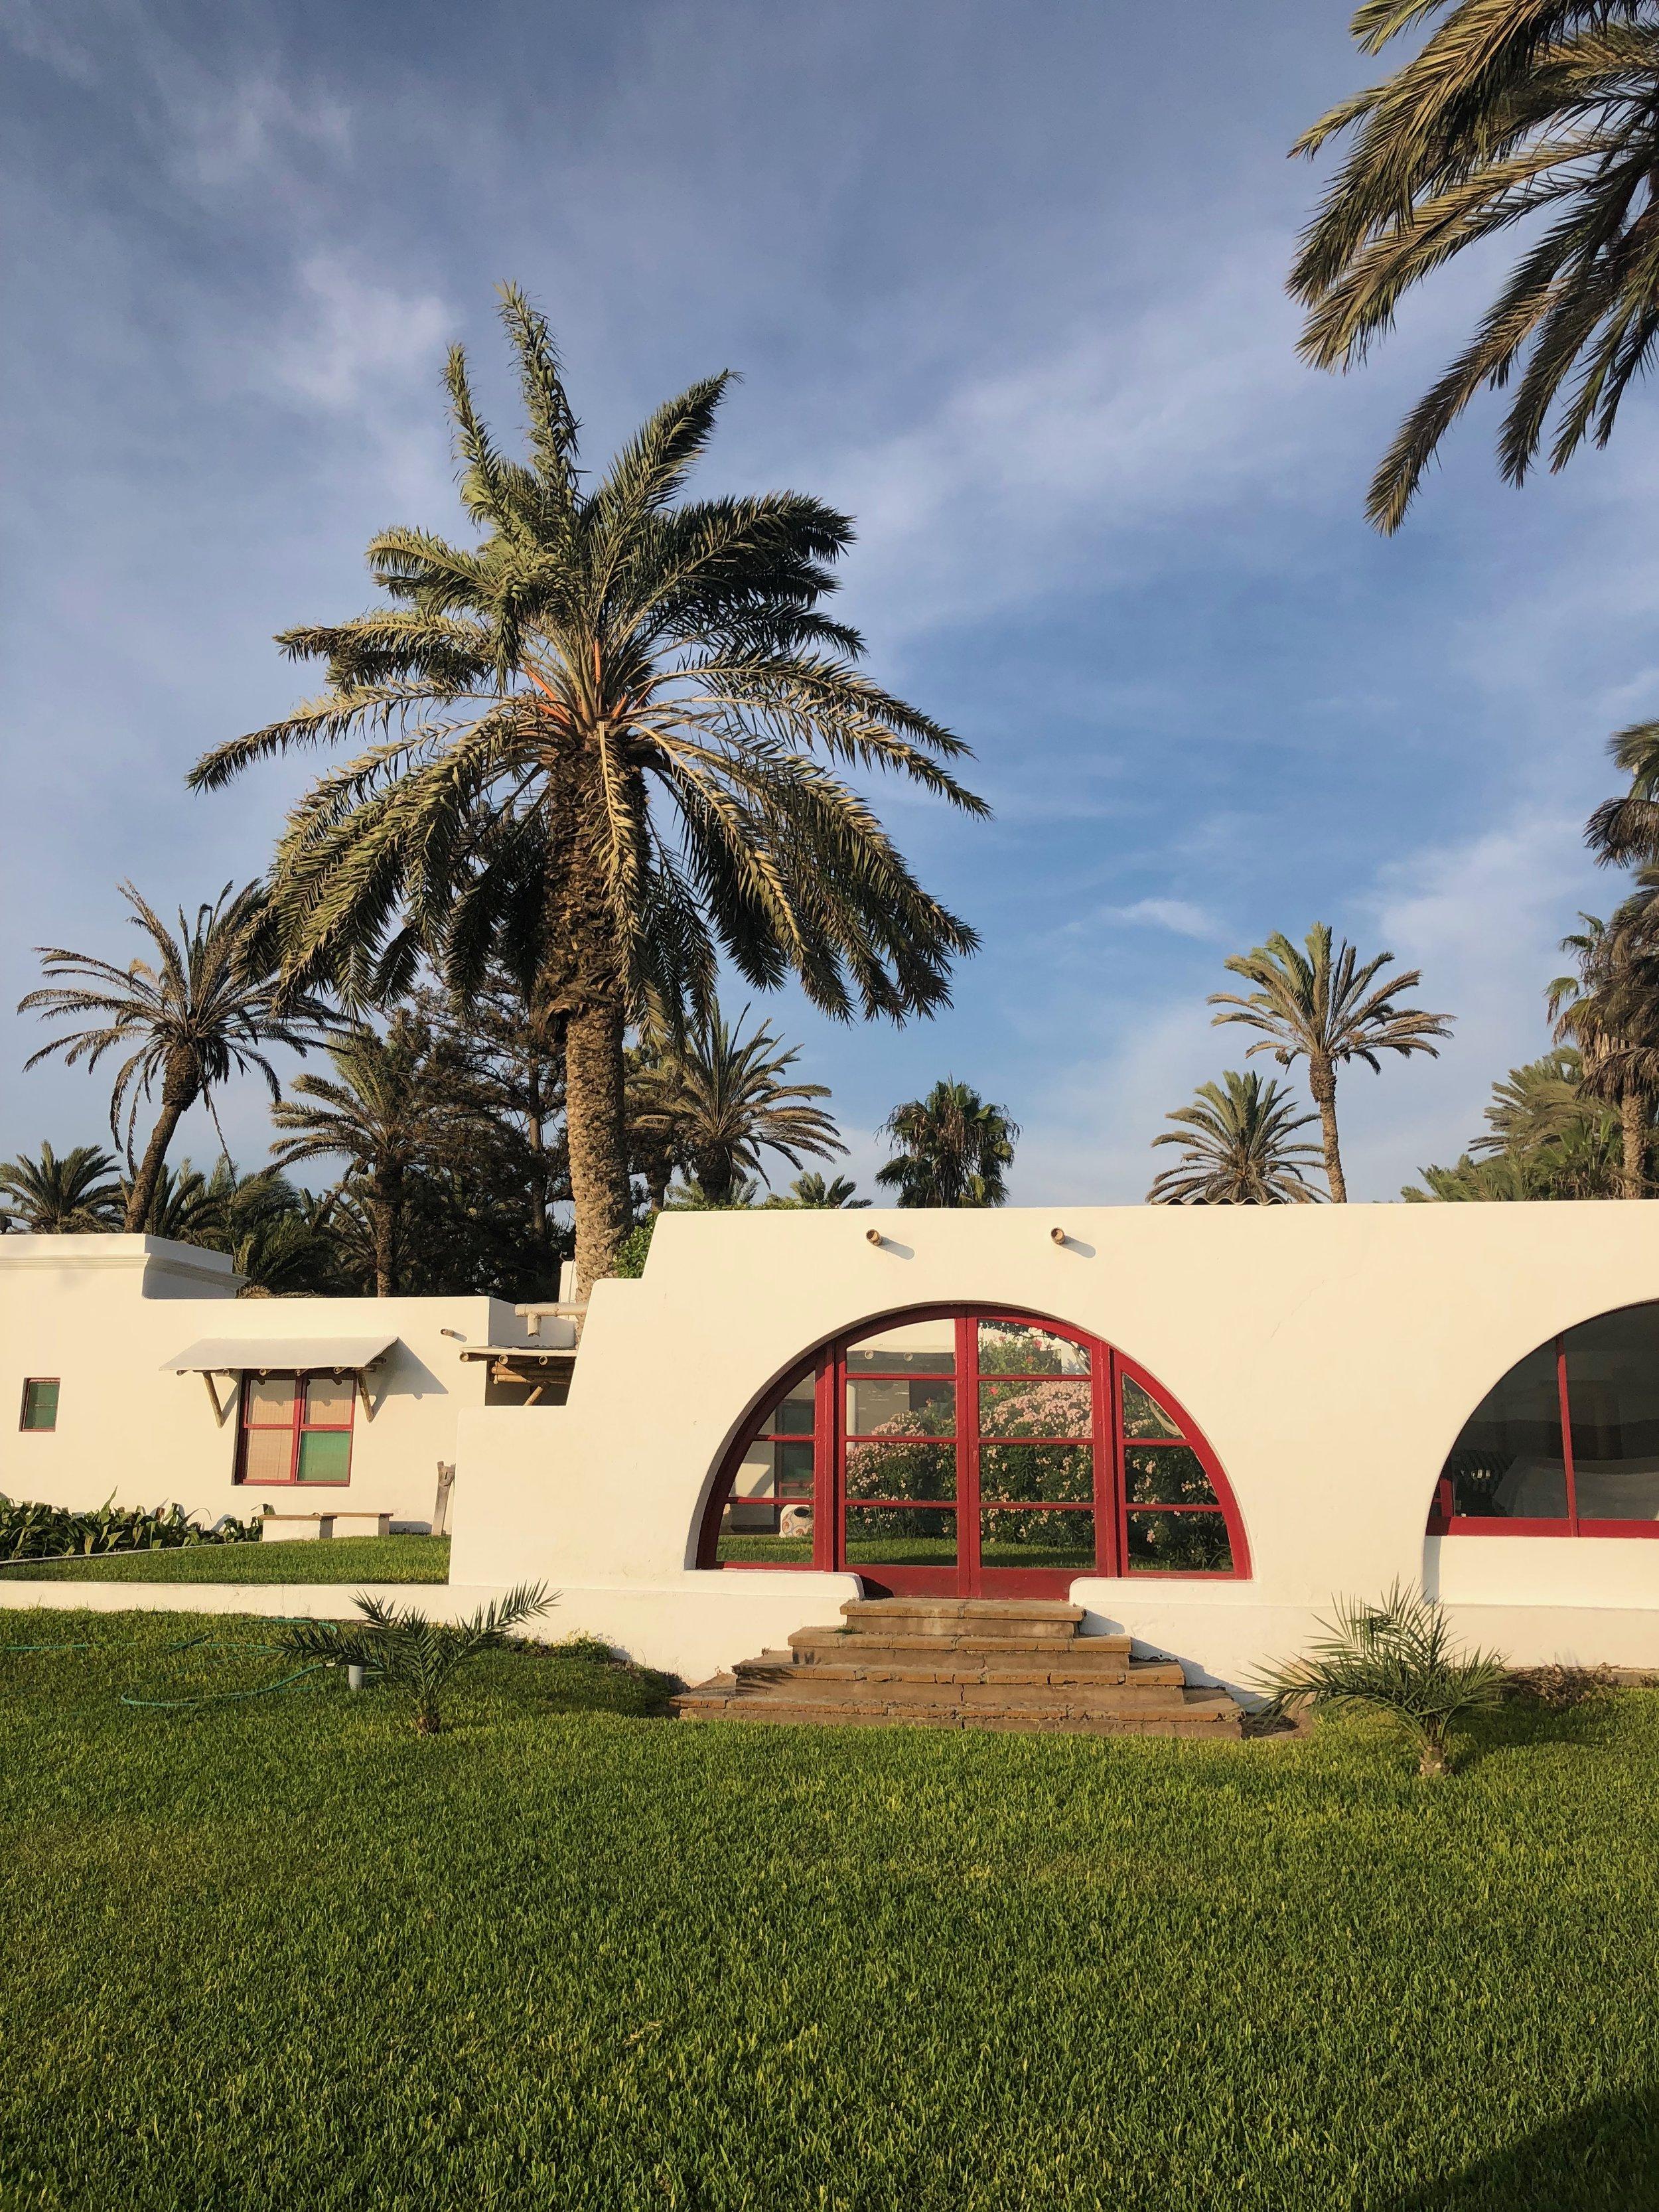 paracas-hotel-beach-peru-south-america-houses